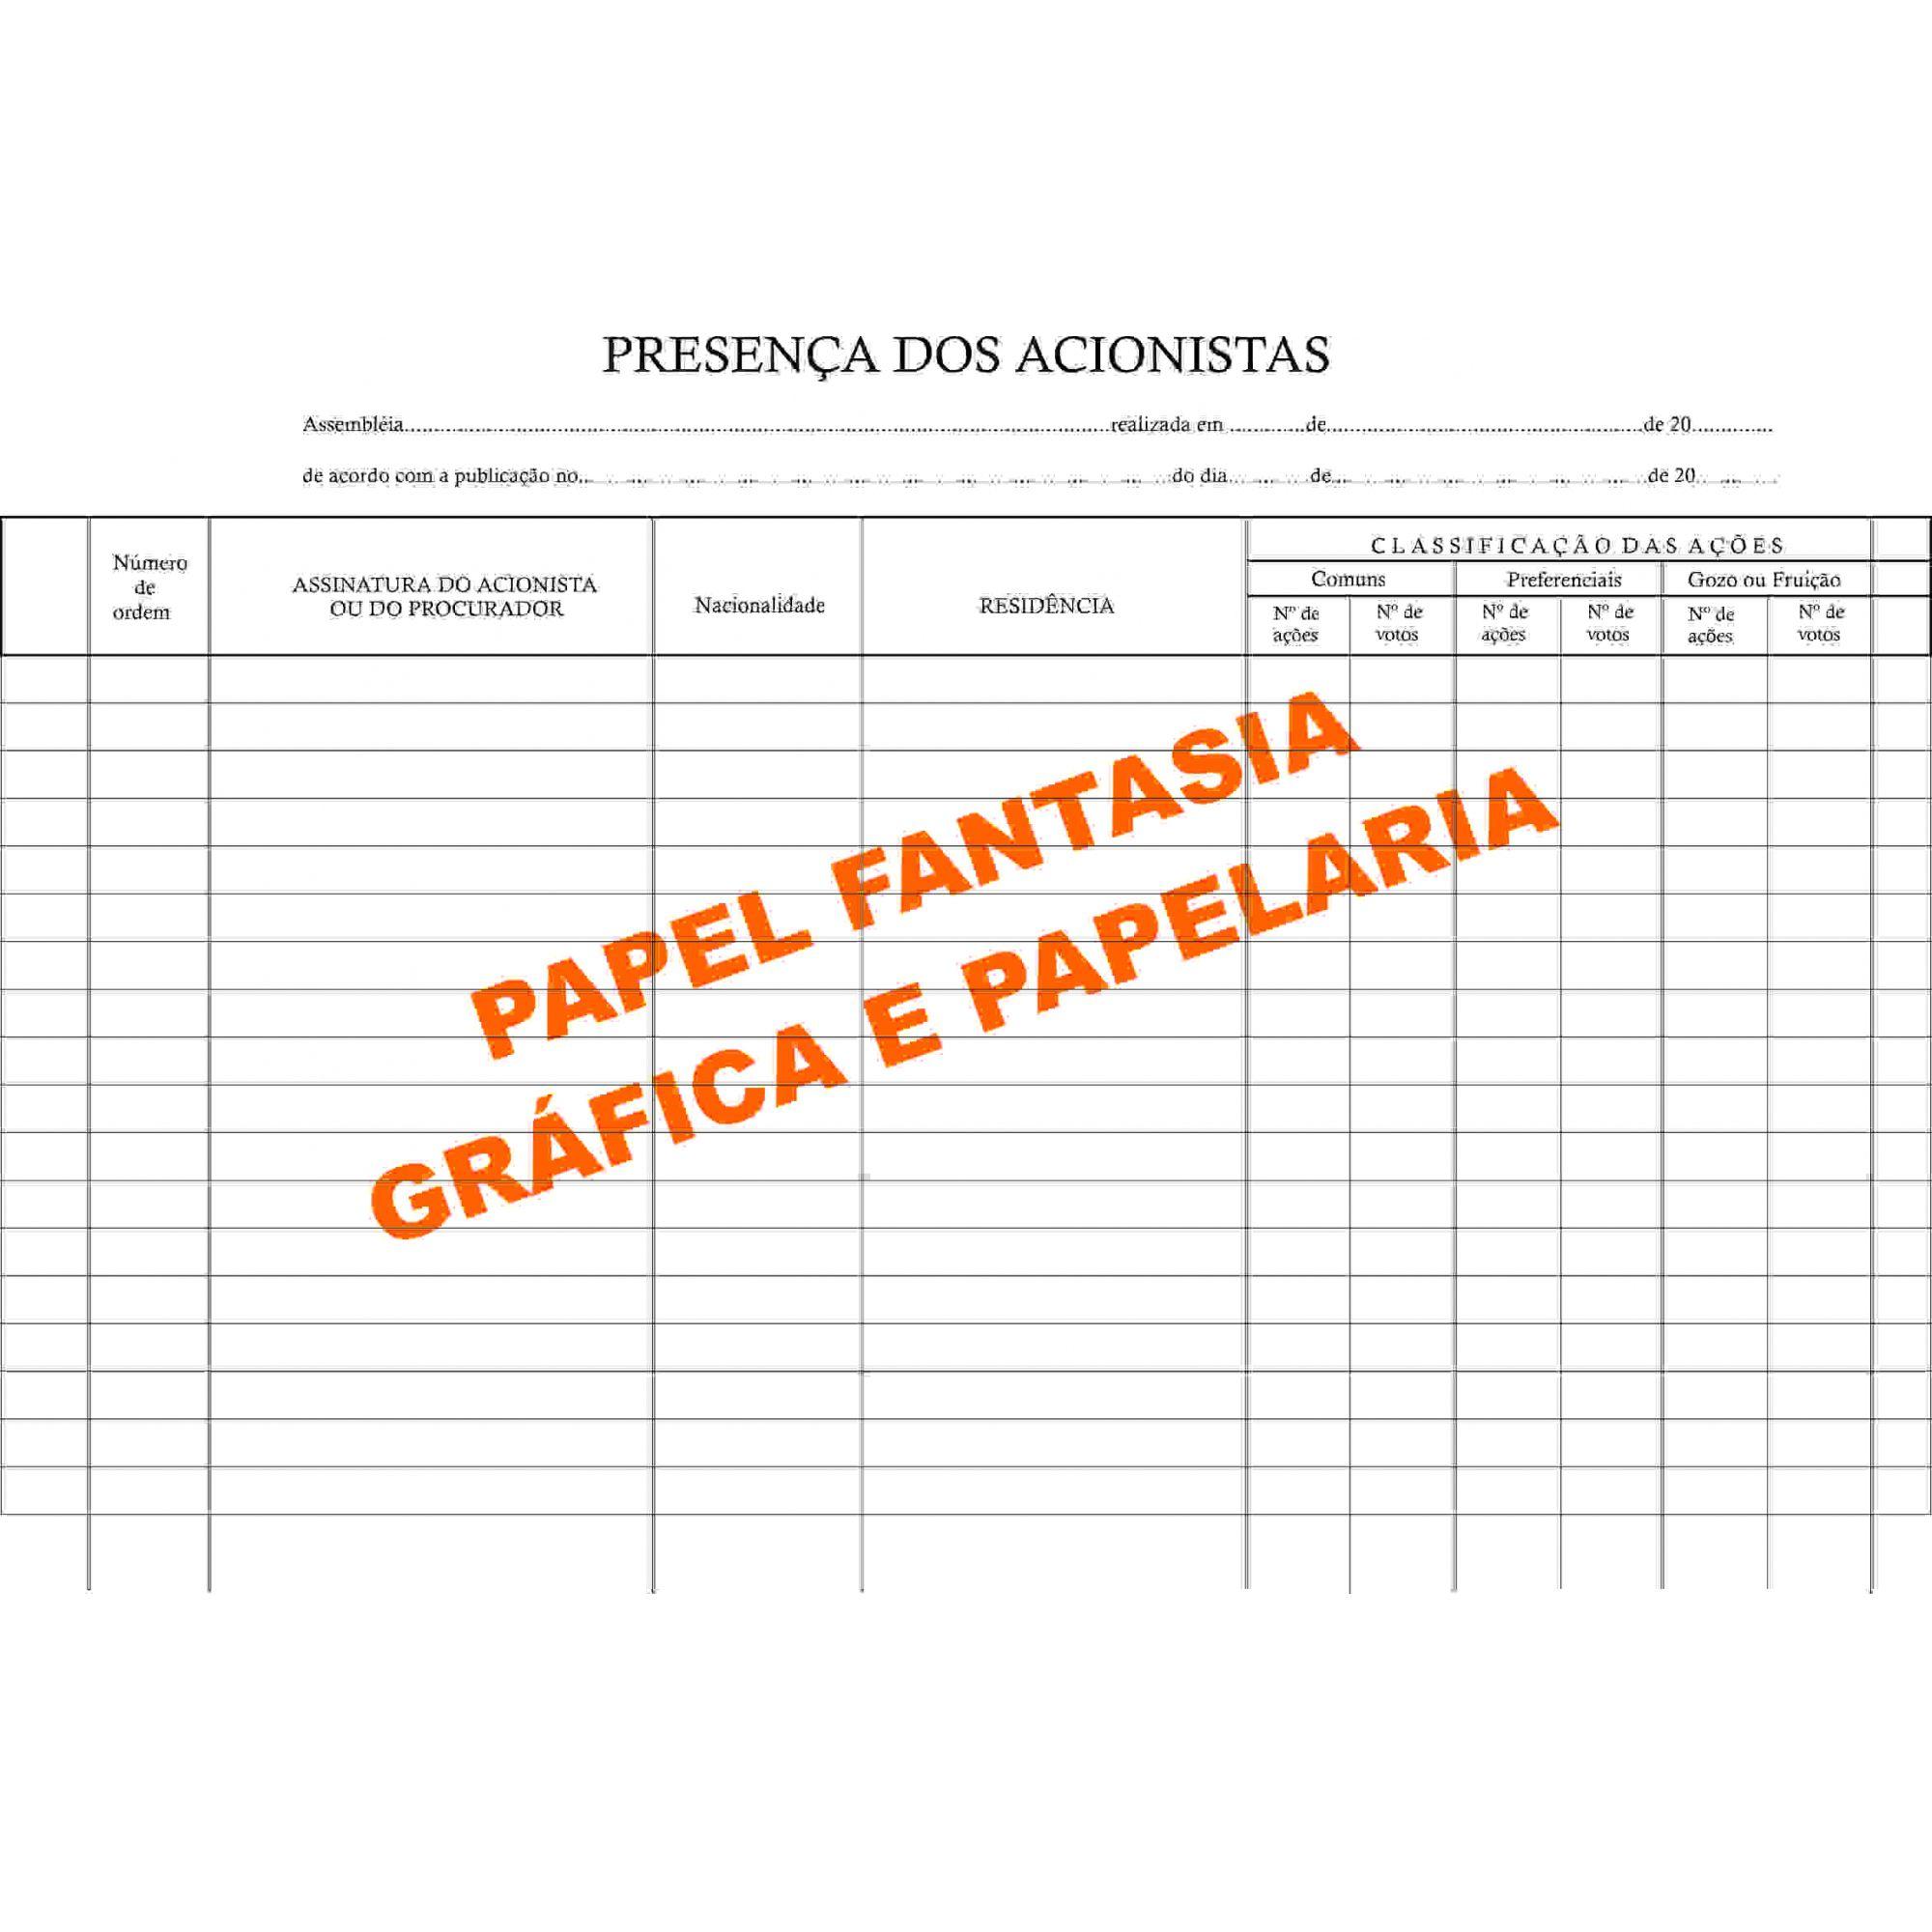 Livro Registro De Presença Dos Acionistas 50 Folhas (Papelfantasia)